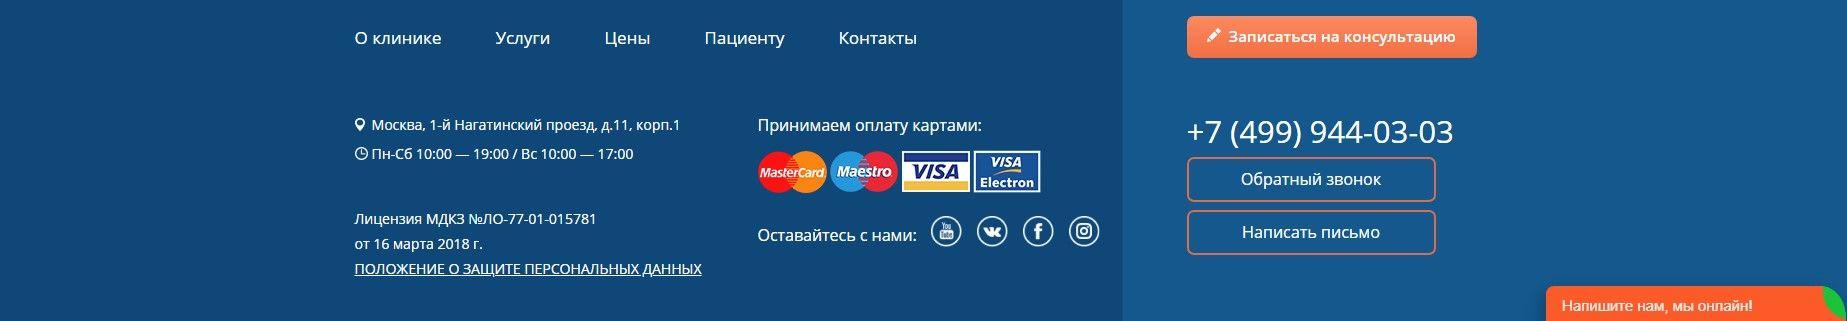 Призыв «Записаться на консультацию» в подвале на примере oftalnova.ru